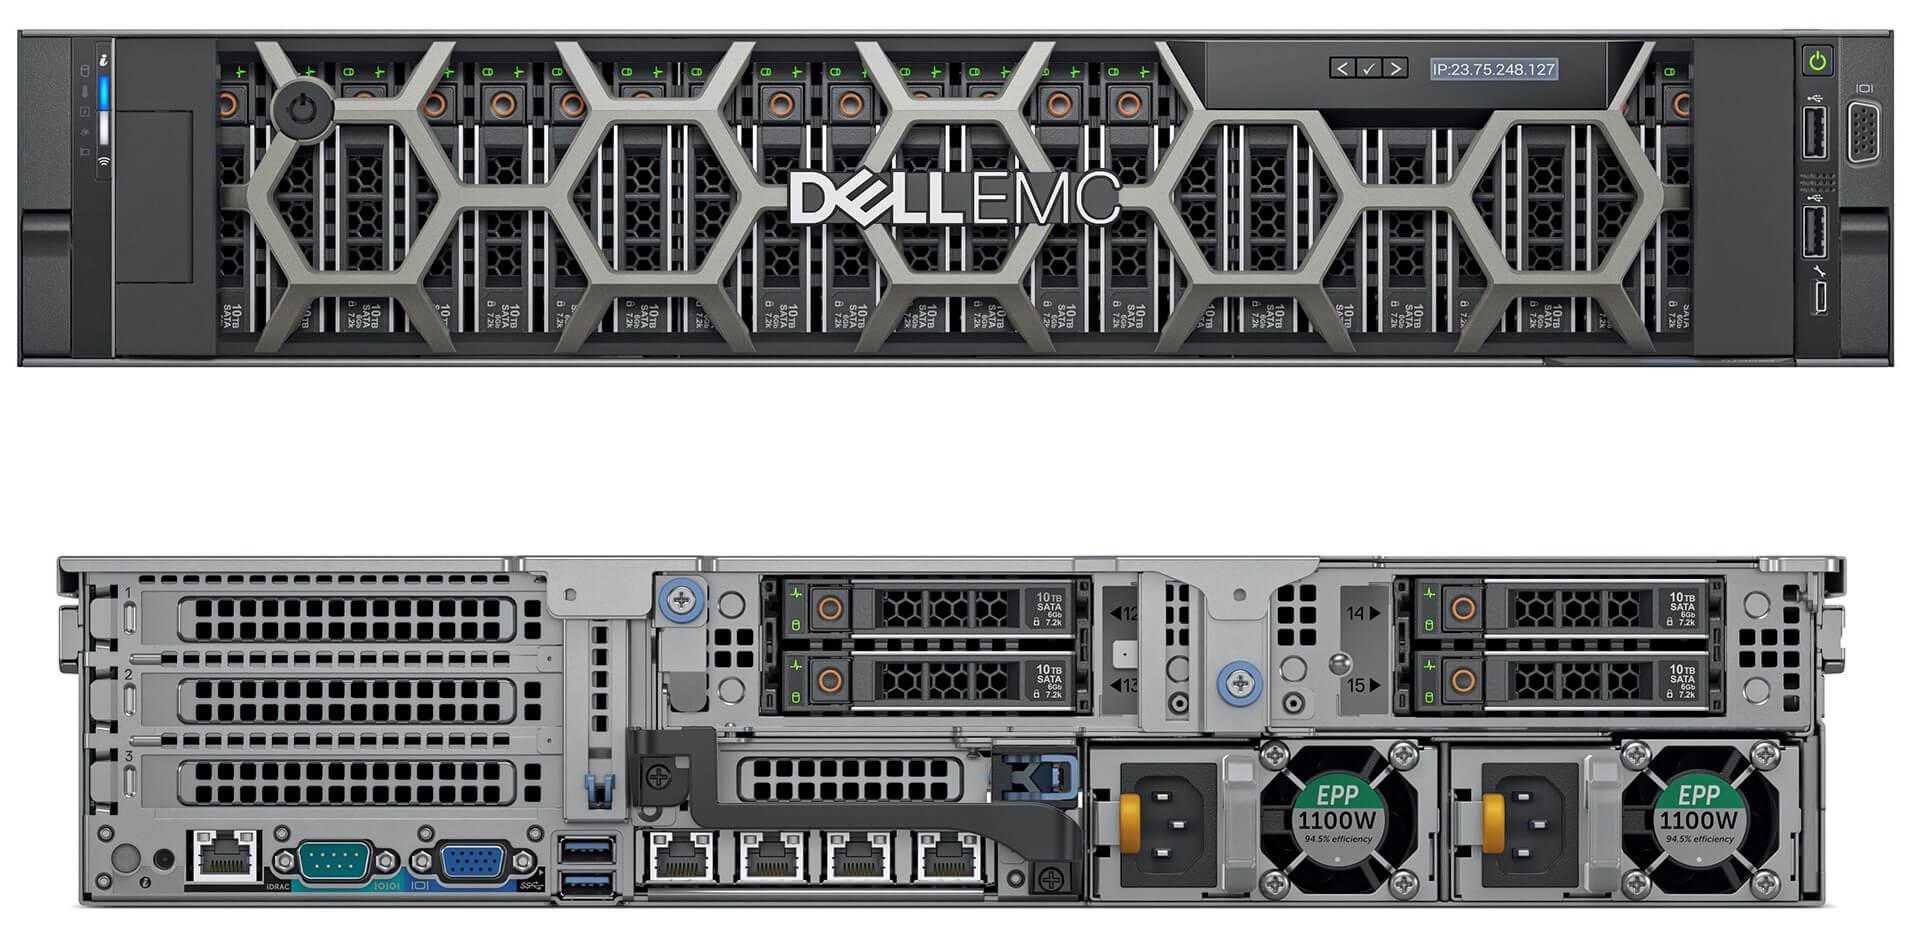 Servidor Dell R740xd PowerEdge Xeon foto frontal e traseira